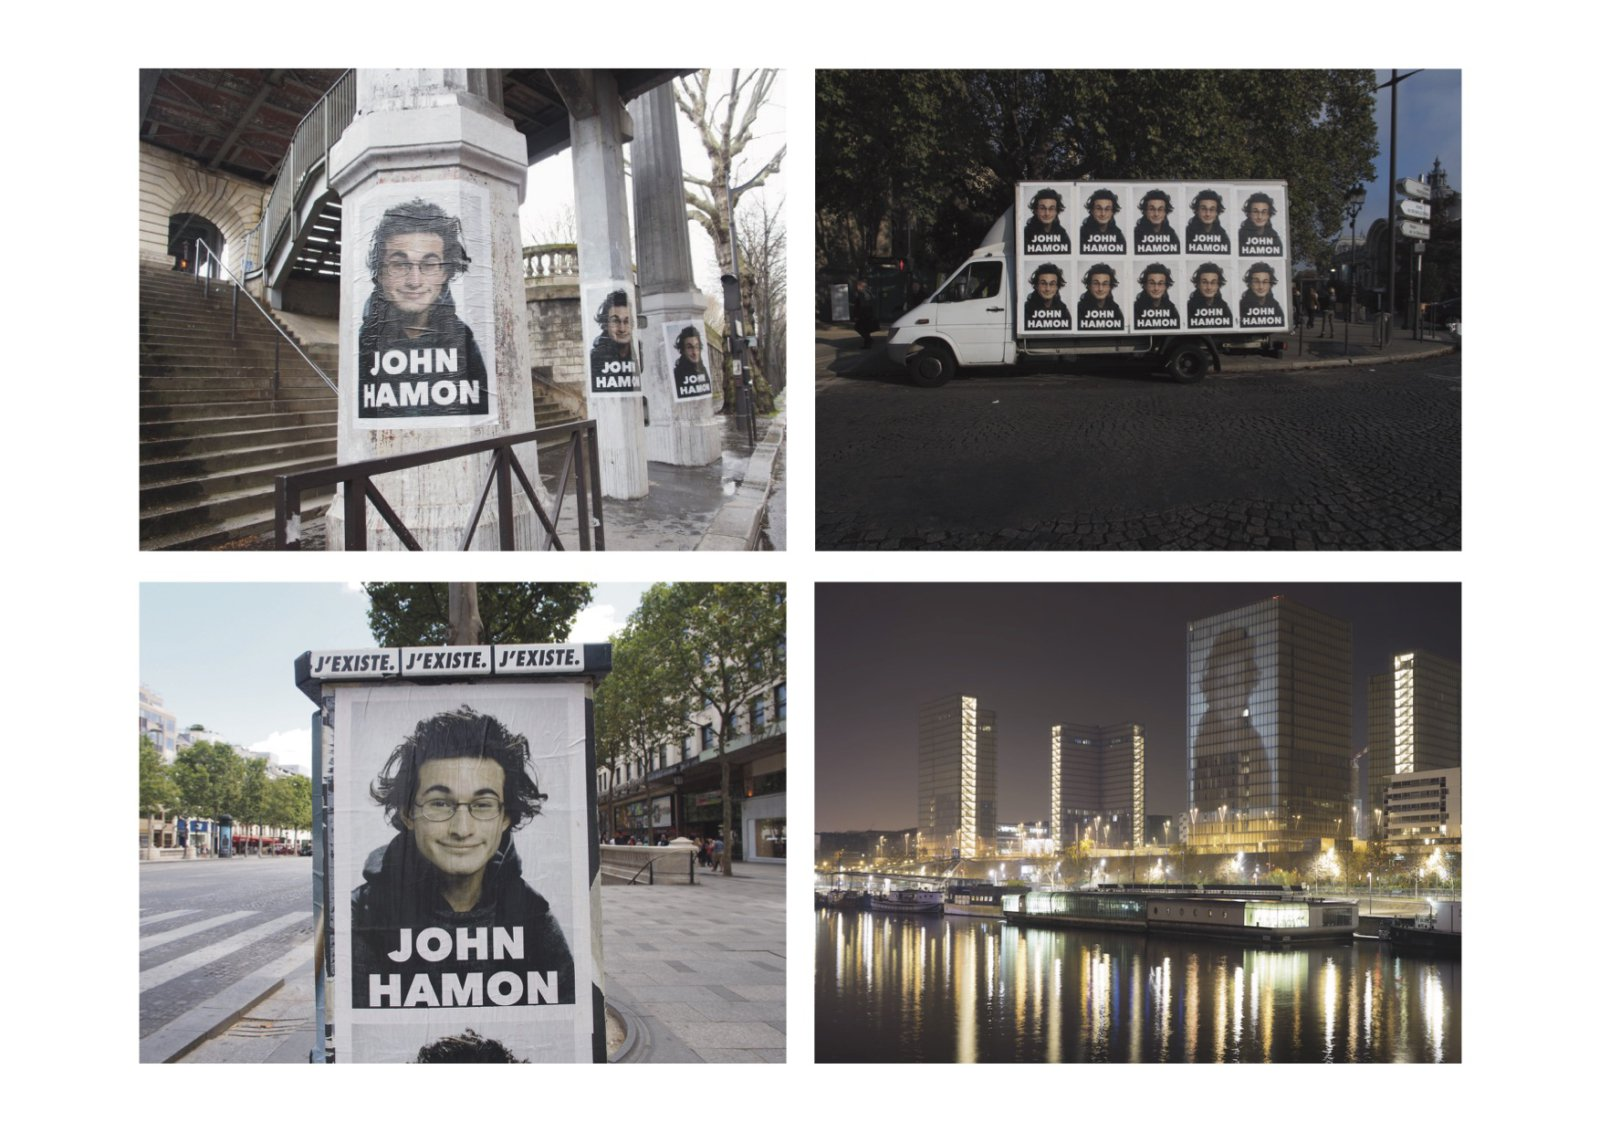 Palmarès des Chatons d'Or Prix artistique chatons d'or - John Hamon